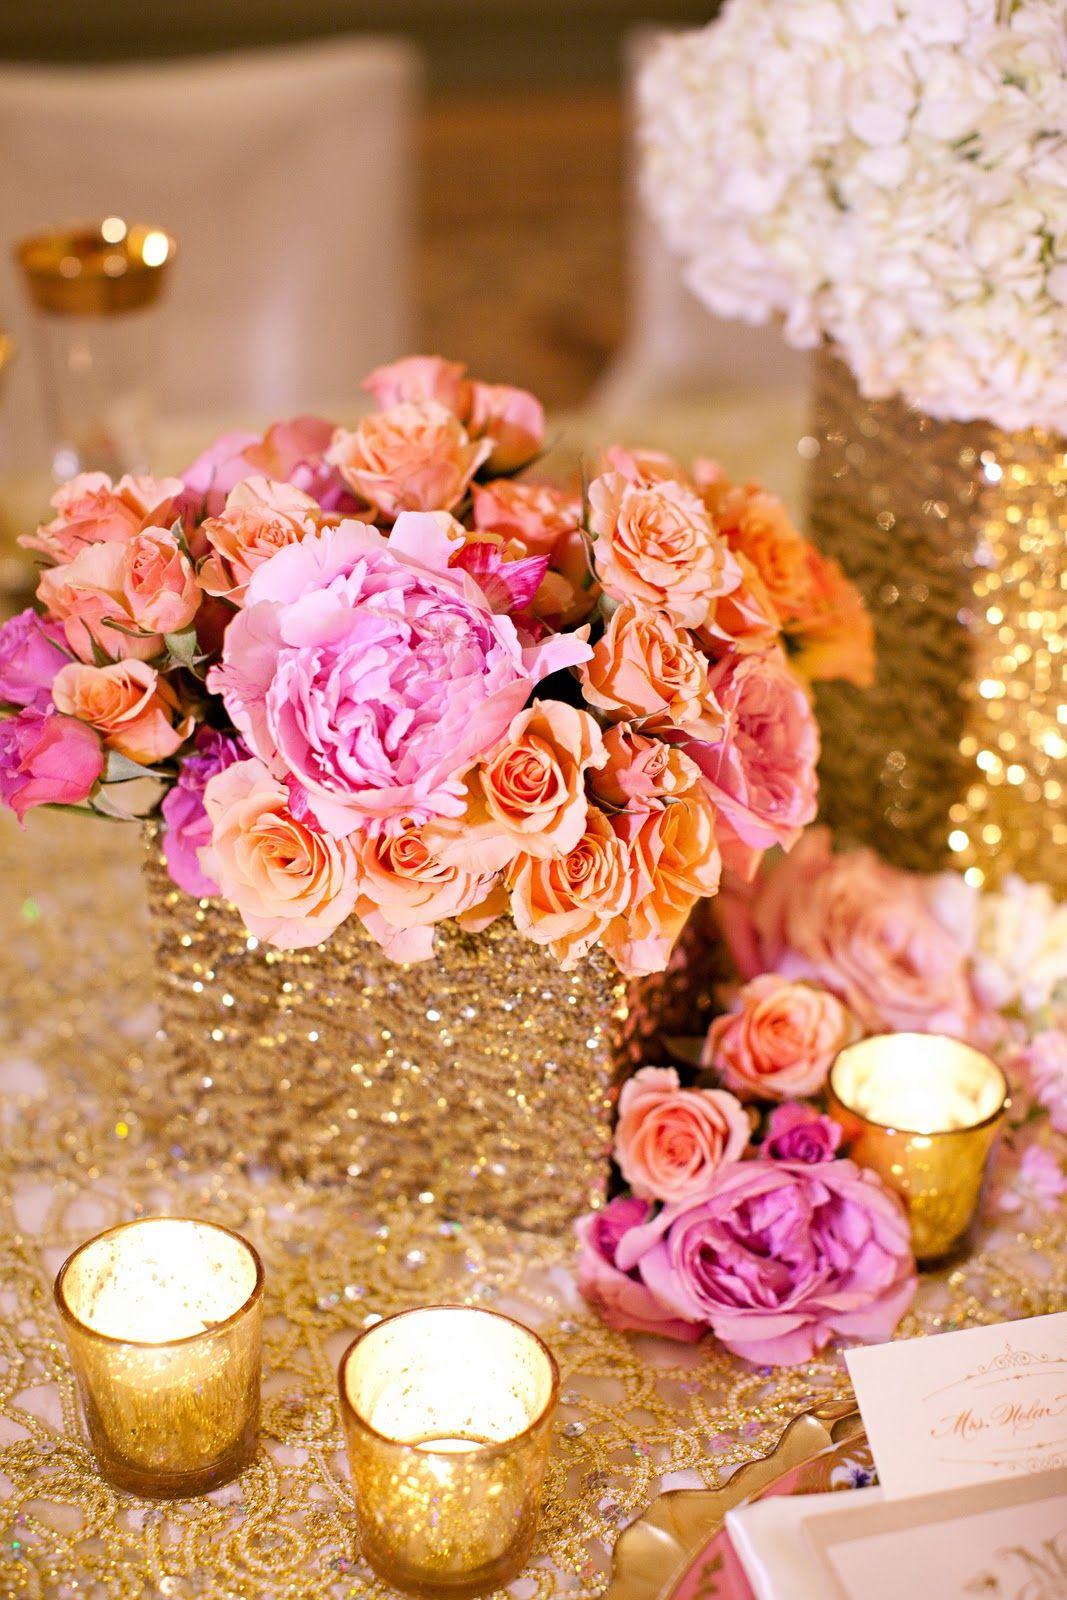 открытки розовый с золотым картинки онлайн-редакторе